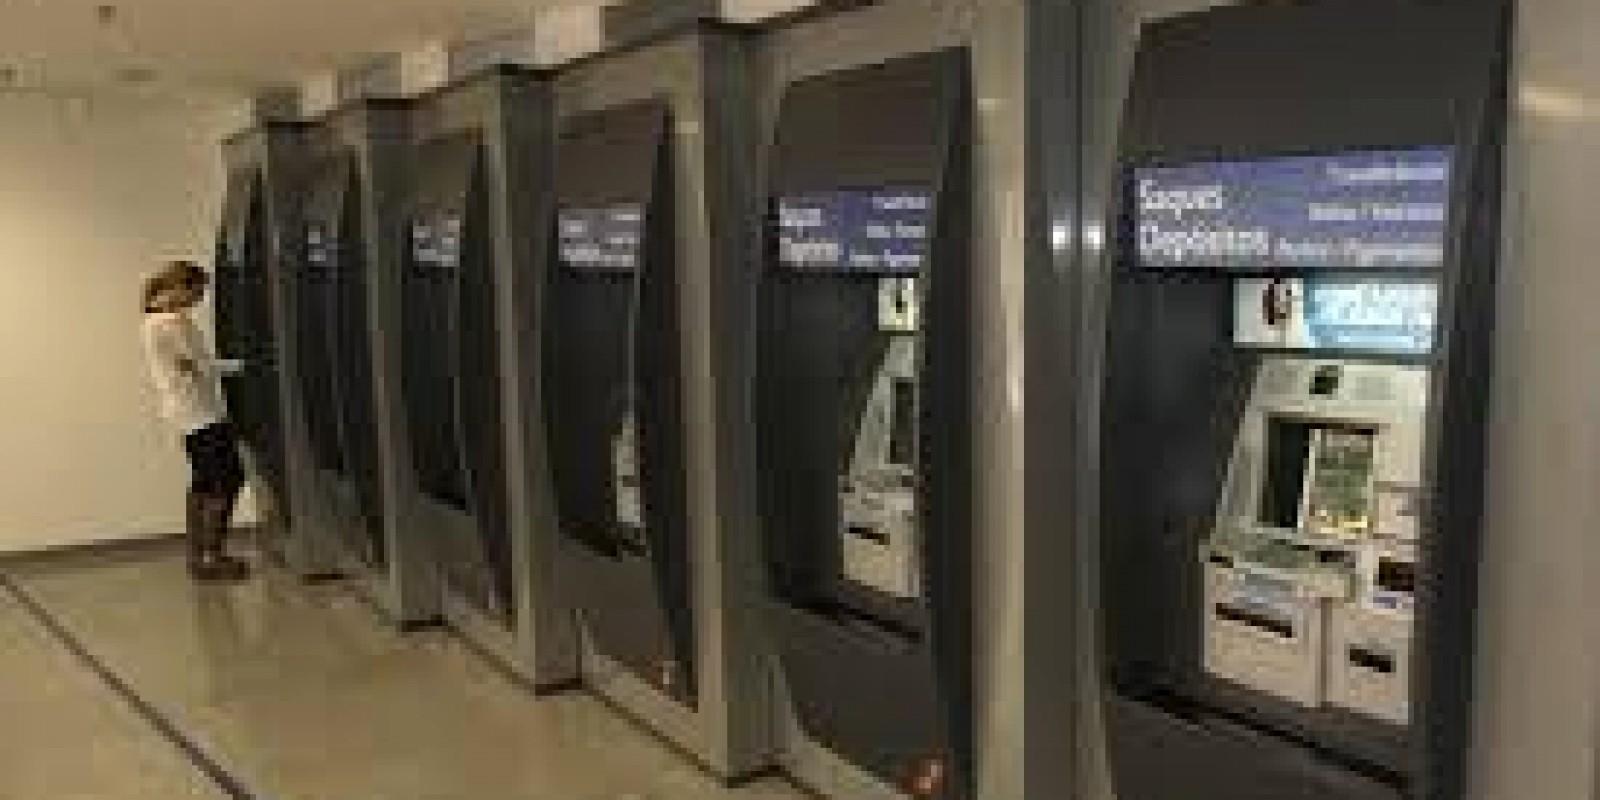 Agências bancárias retornam funcionamento essa quarta feira em regime de contingência